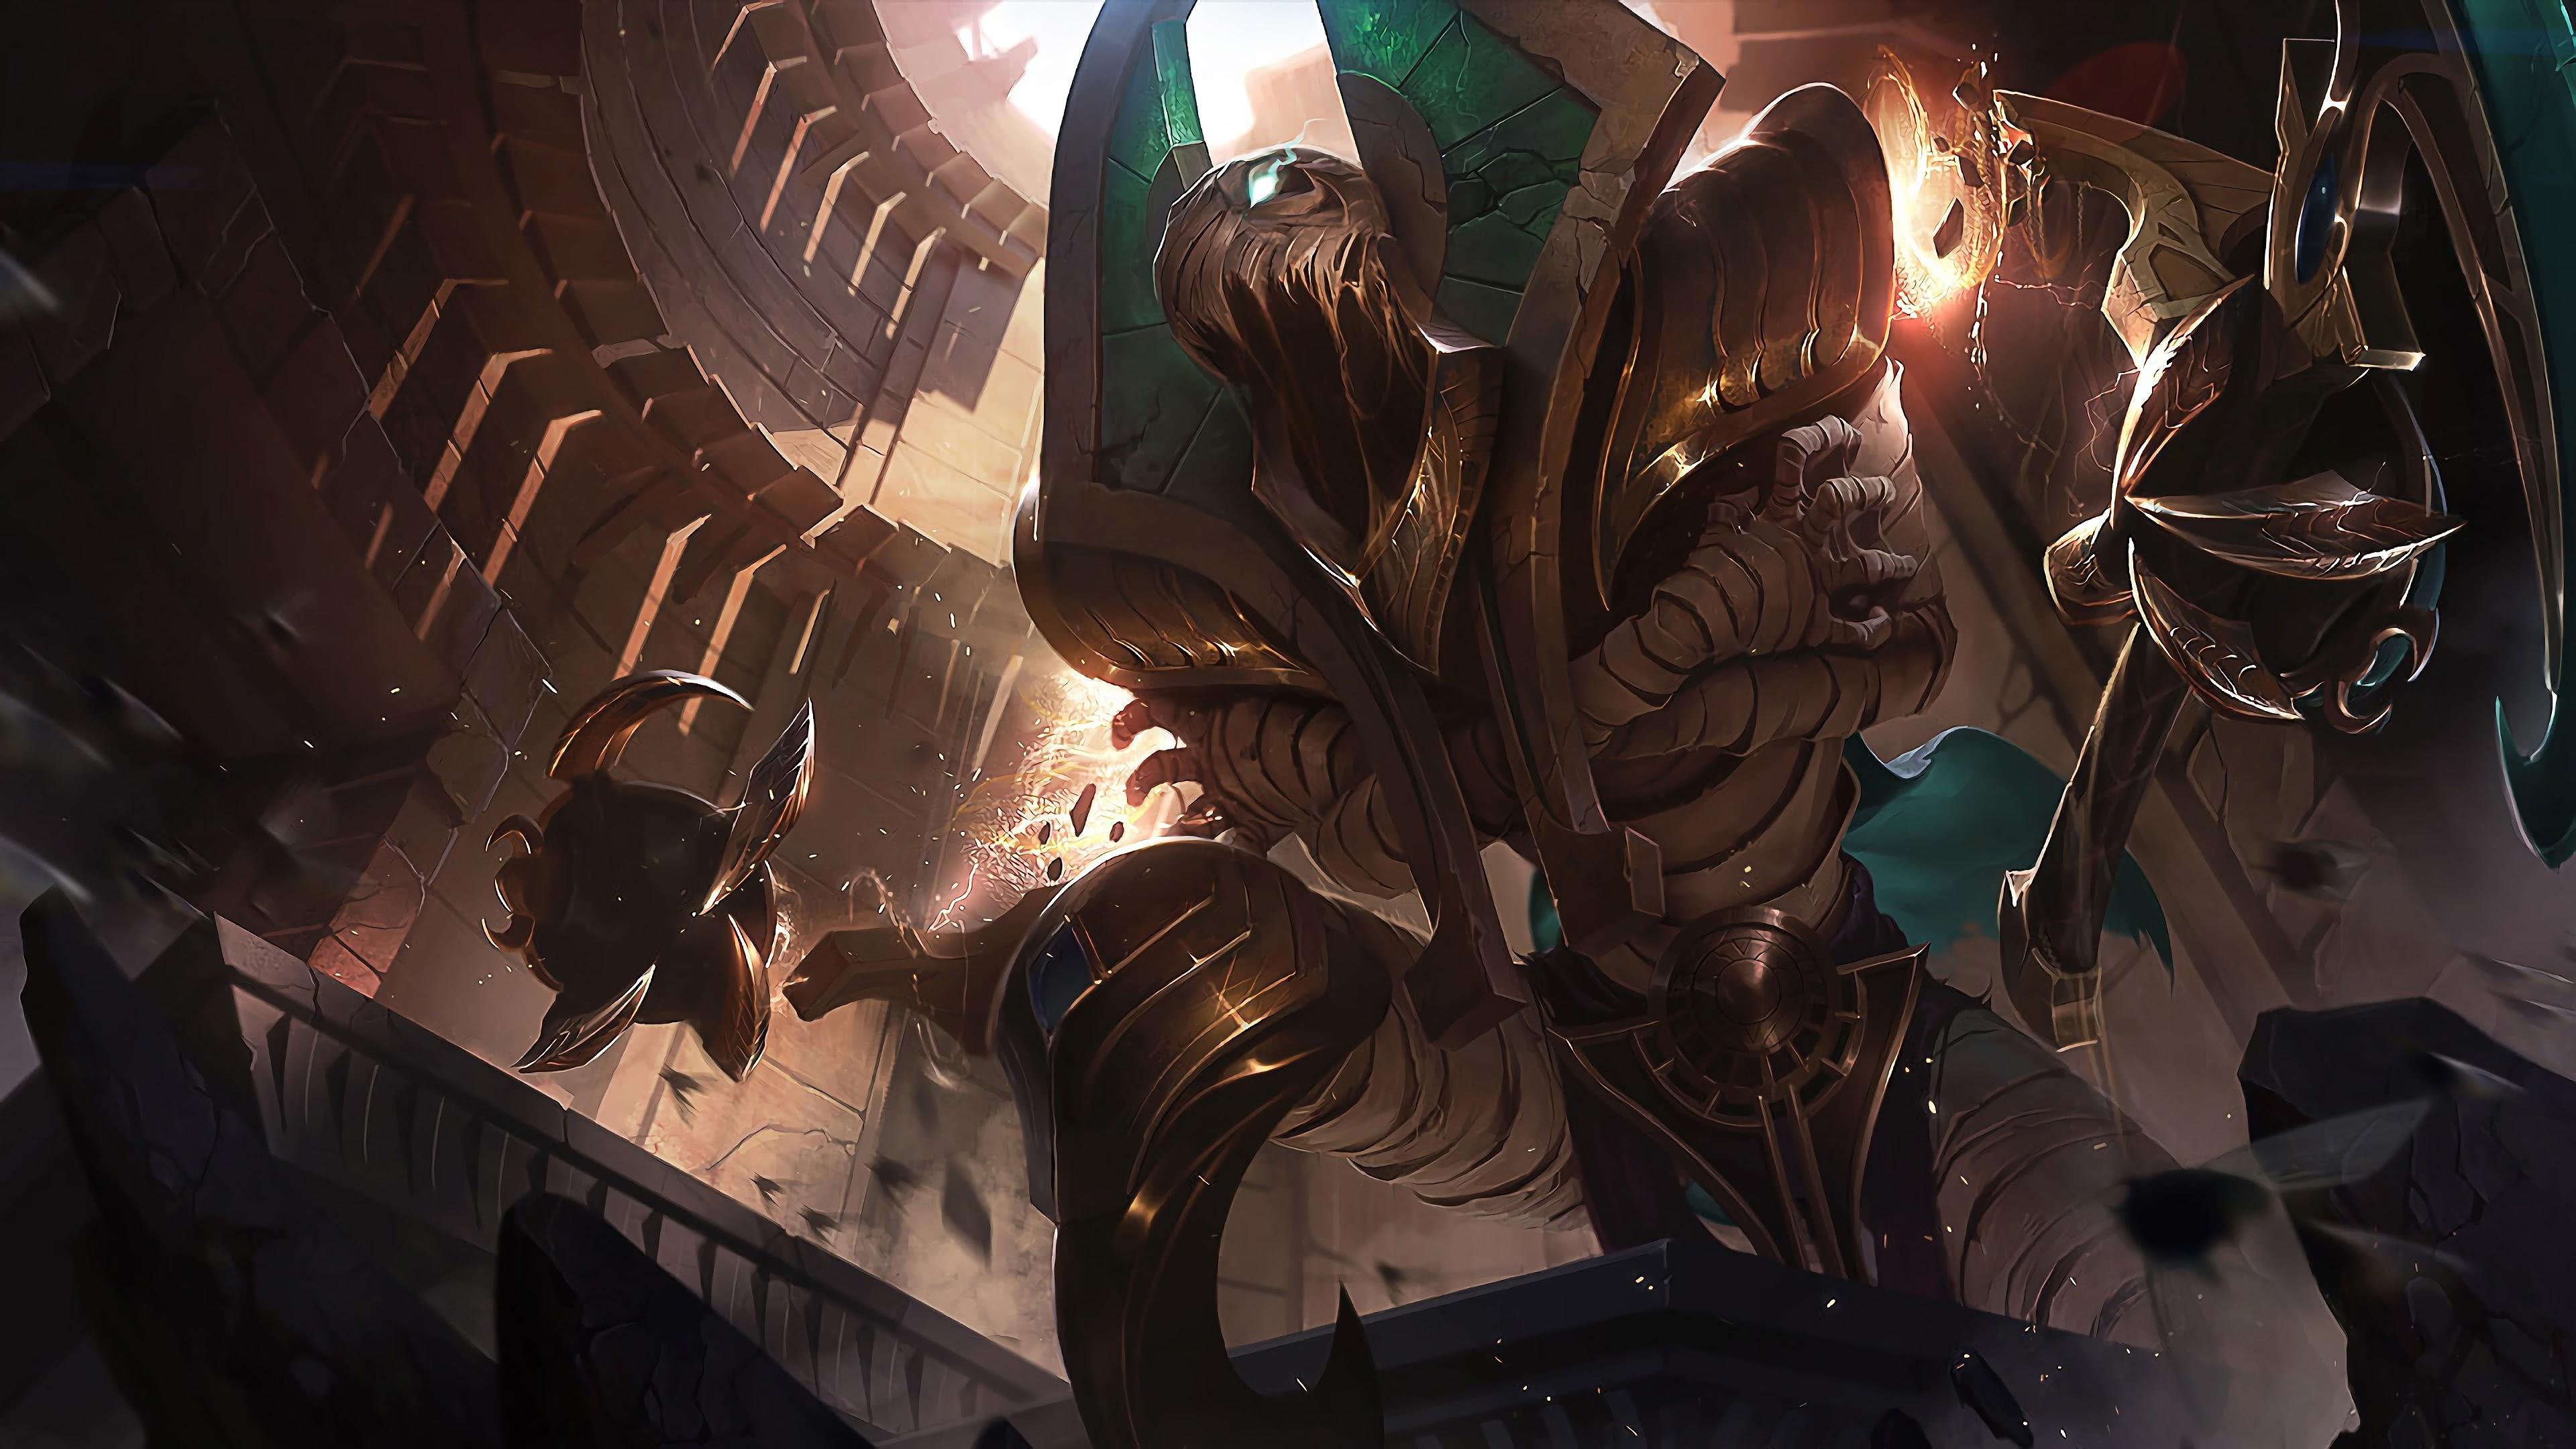 league of legends fiddlesticks risen uhd 4k wallpaper